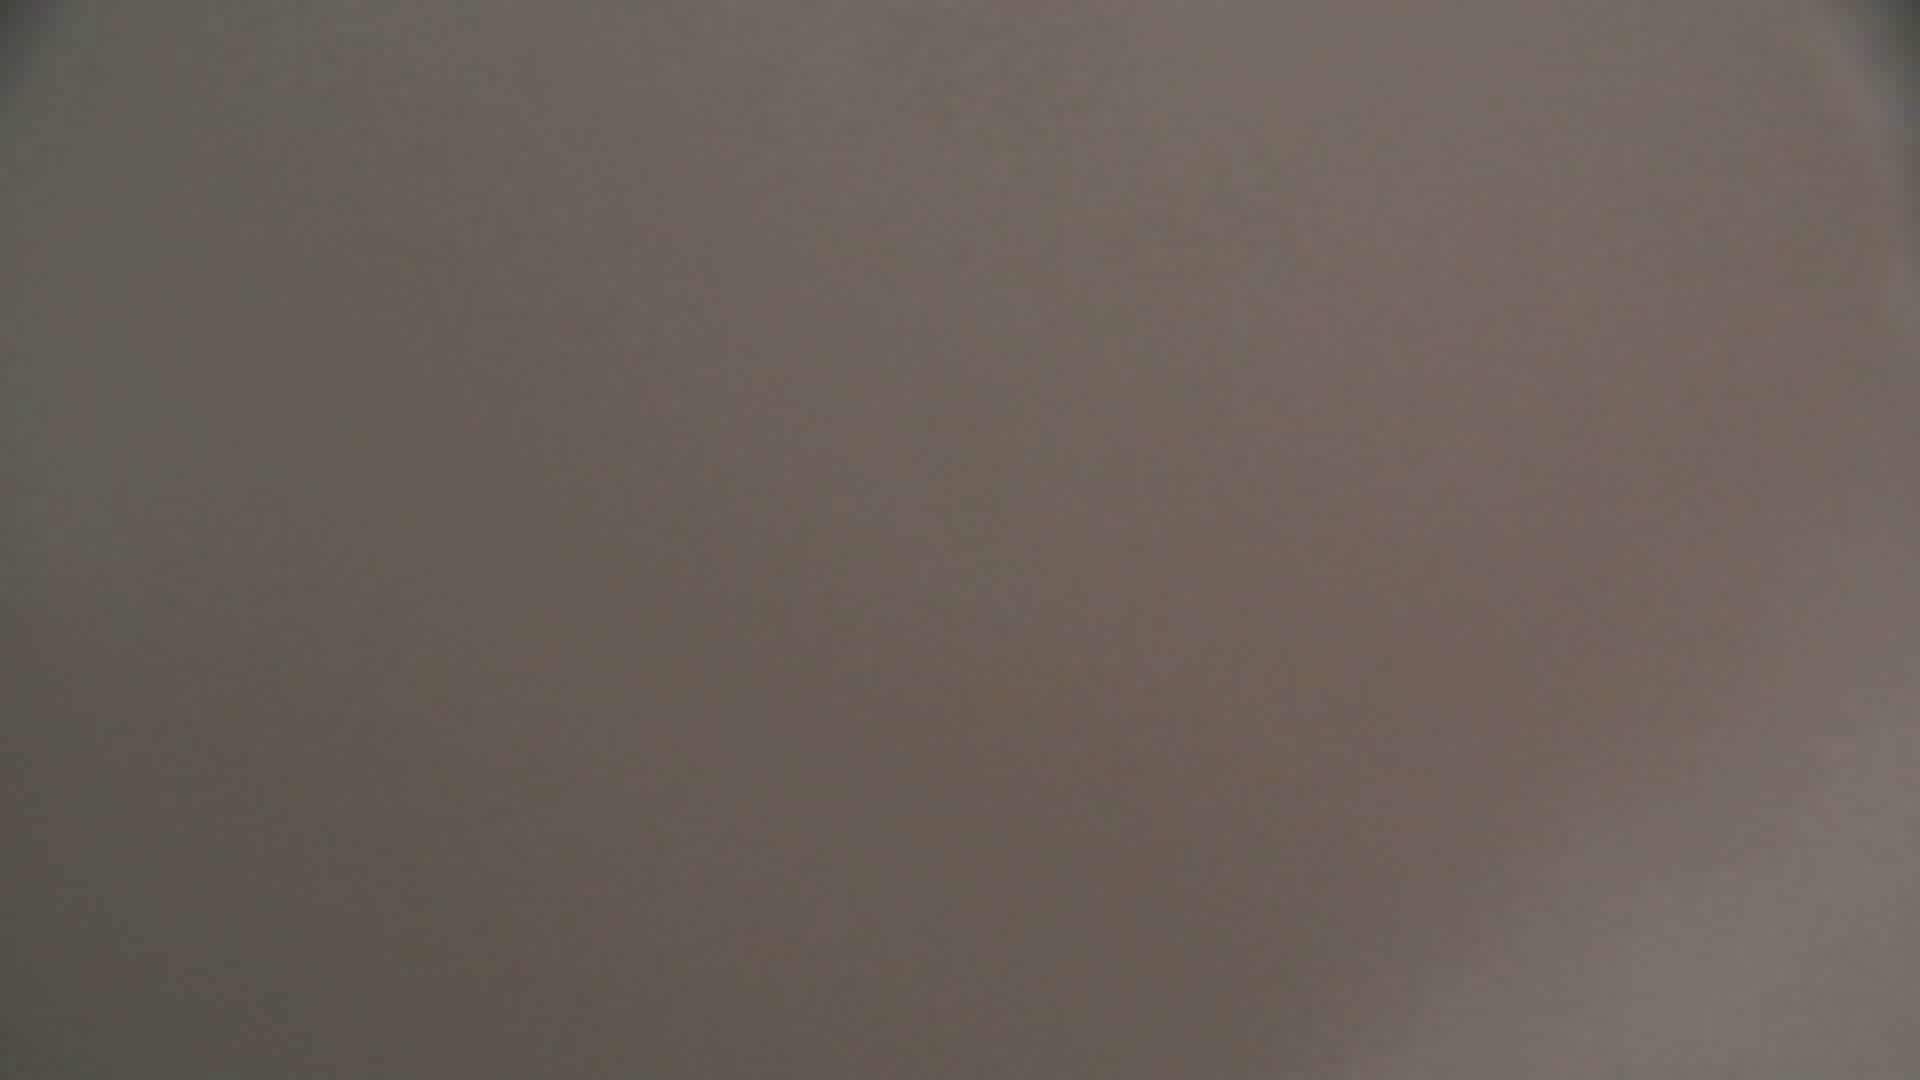 【美しき個室な世界】 vol.021 めがねっこ 色っぽいOL達  100pic 88